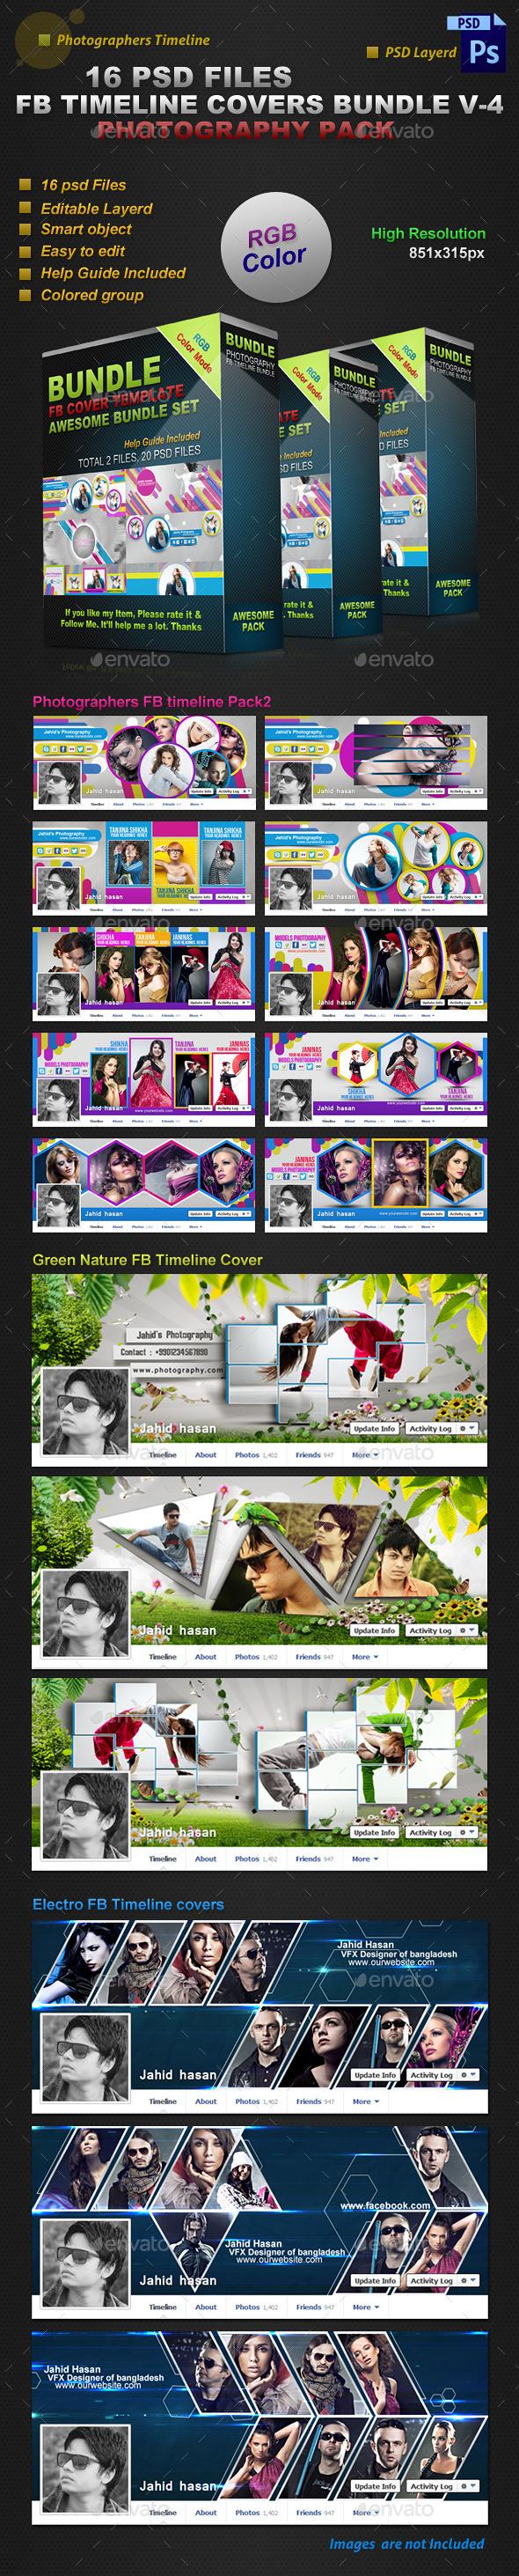 GraphicRiver Facebook Timeline Covers Bundle V-4 8808137